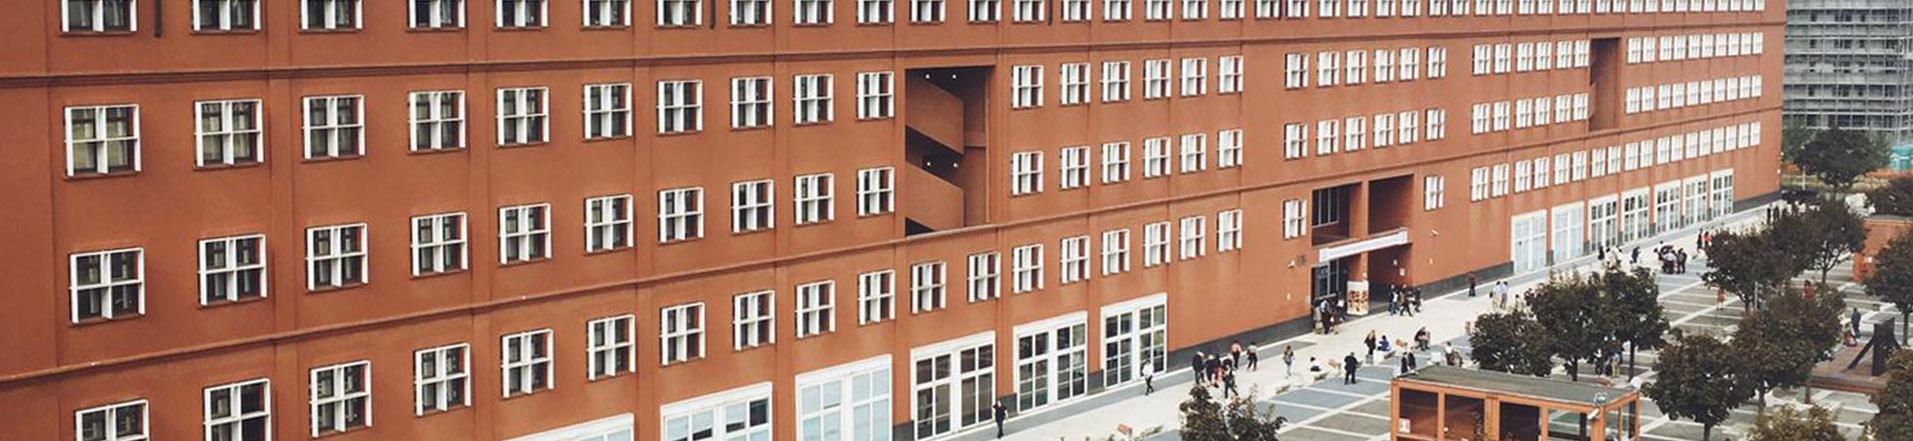 edificio U6 - piazza dell'ateneo nuovo